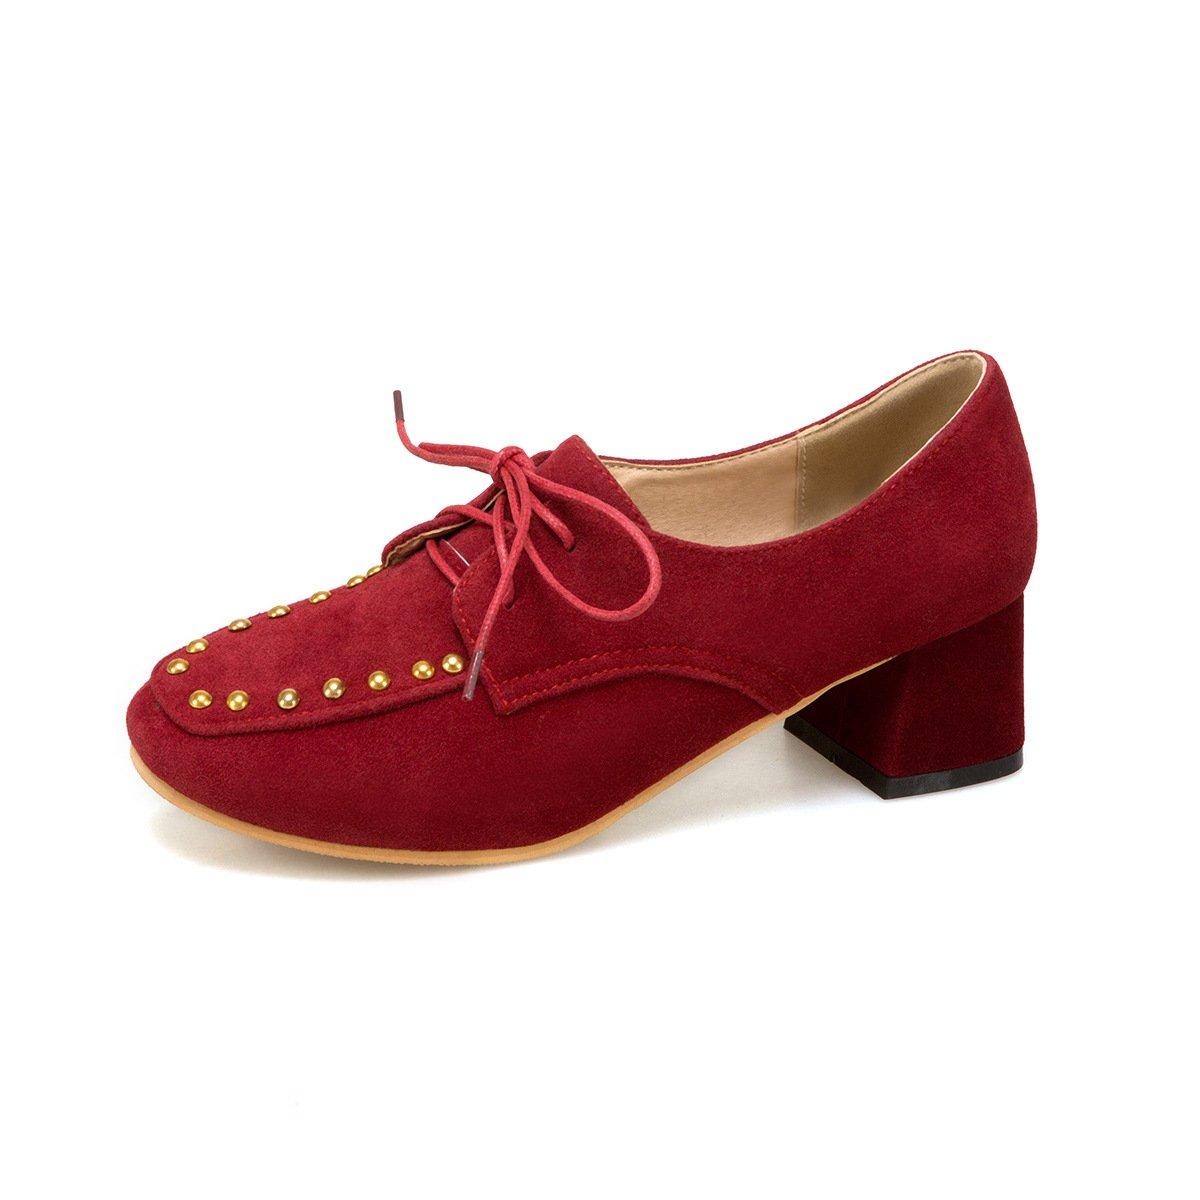 LSM-Heels MEI&S Damen Square Toe Blockabsatz Flachen Mund Mund Flachen Schuhe ROT 367223